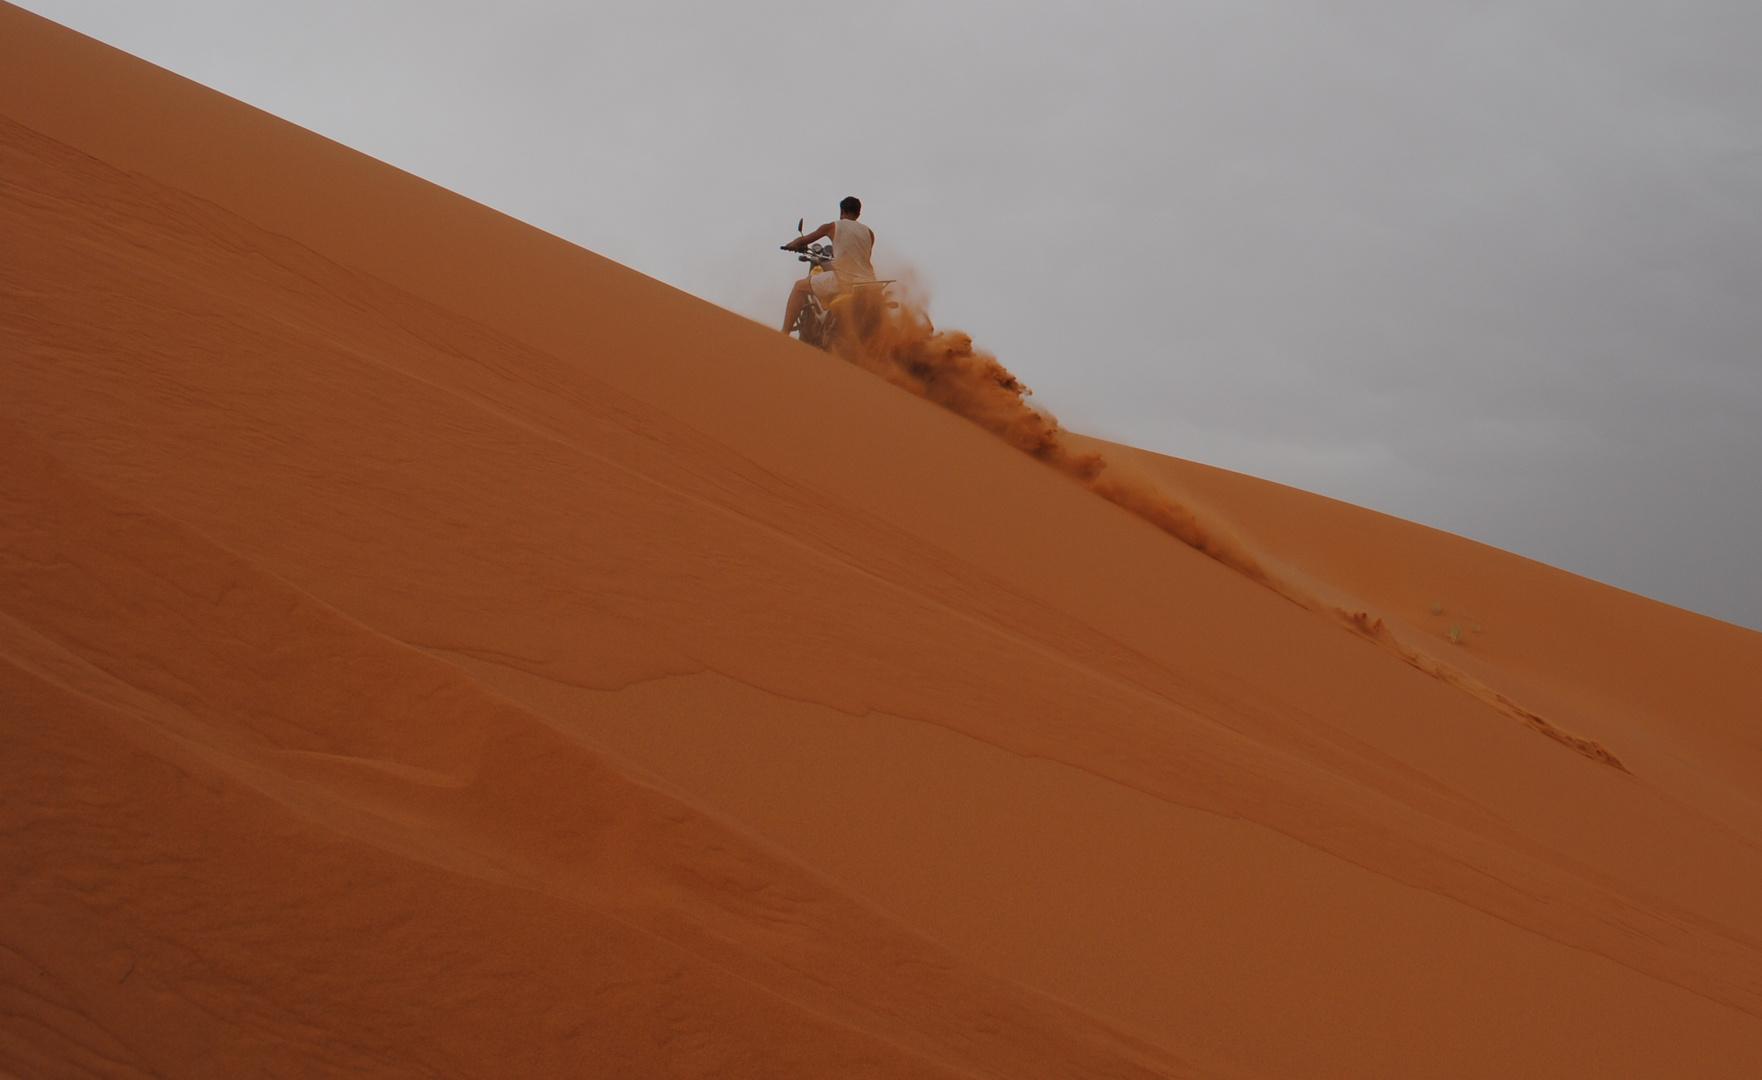 Schonmal gesehen? Gedrosselte Suzuki SV 650 in der Sahara